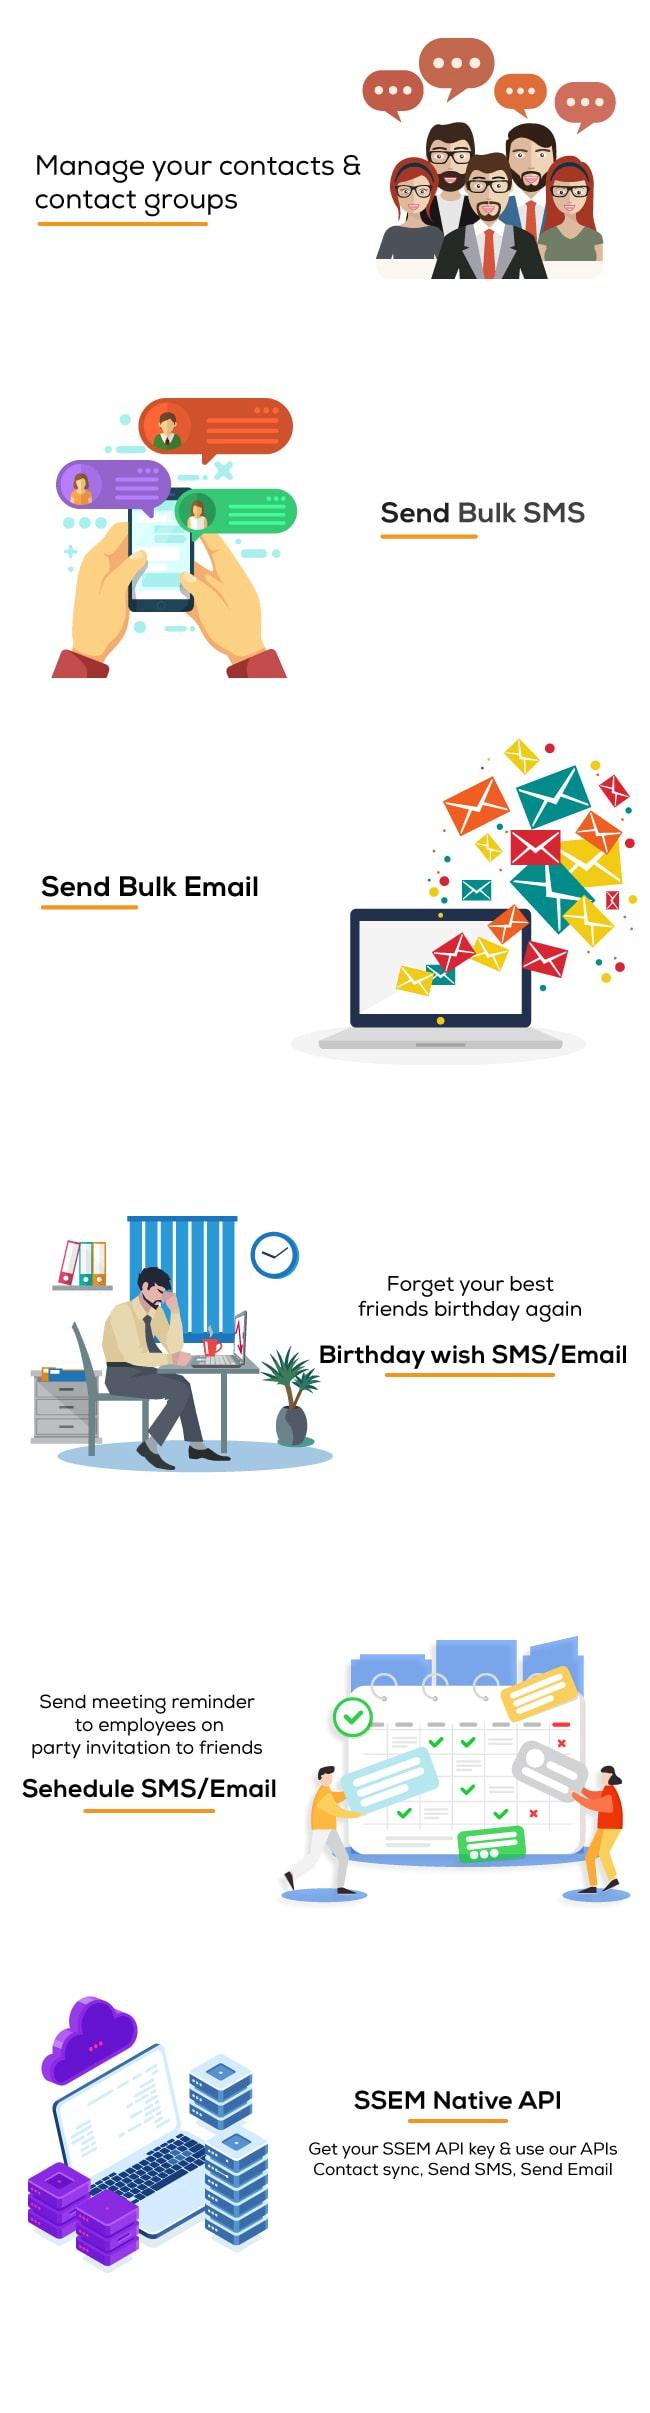 Smart SMS & Email Manager (SSEM) - 7